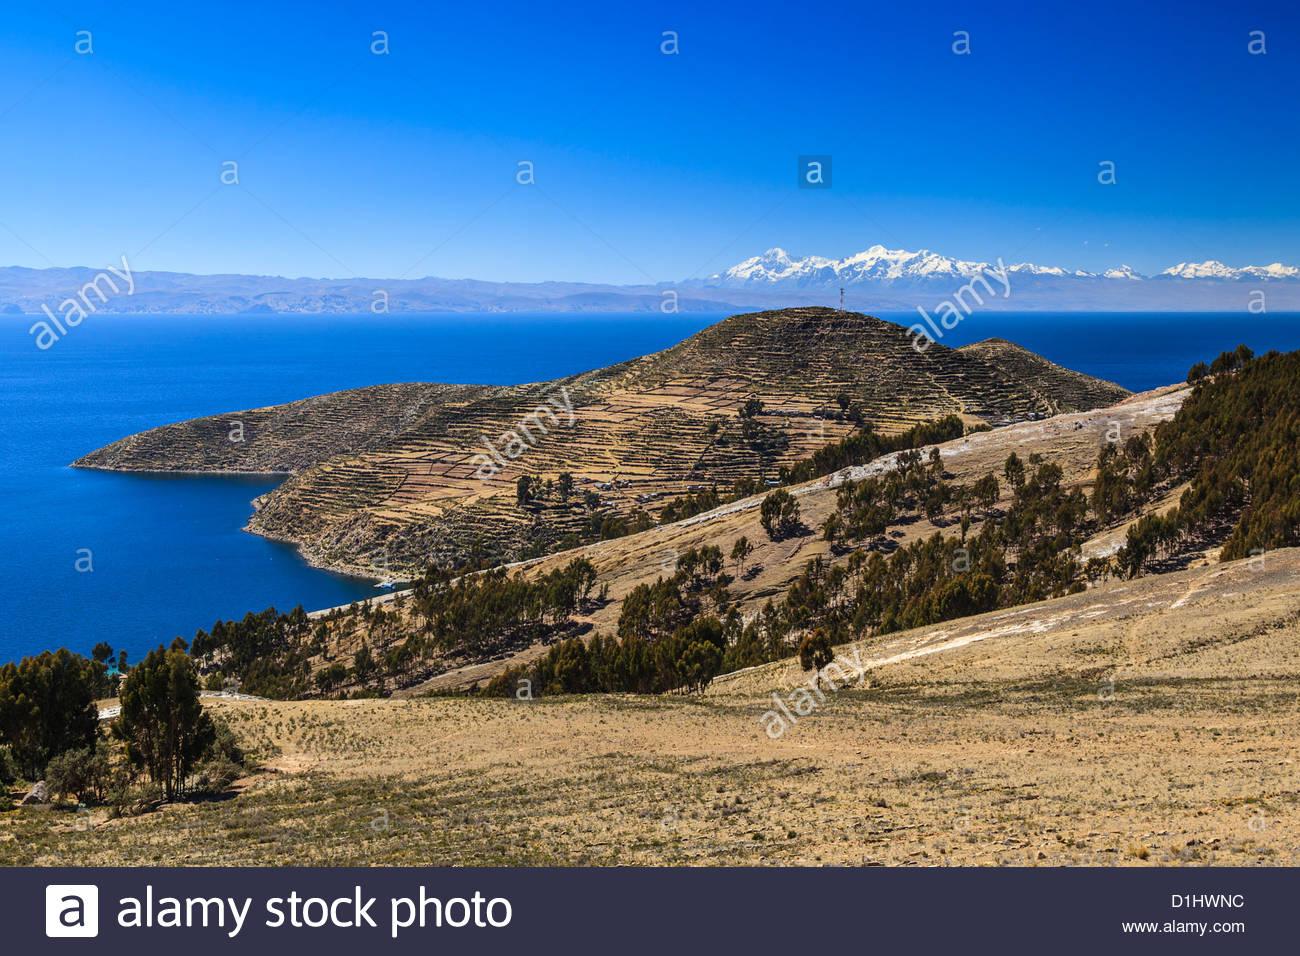 Isla del Sol on the Bolivian Side of Lake Titicaca, Bolivia Stock Photo